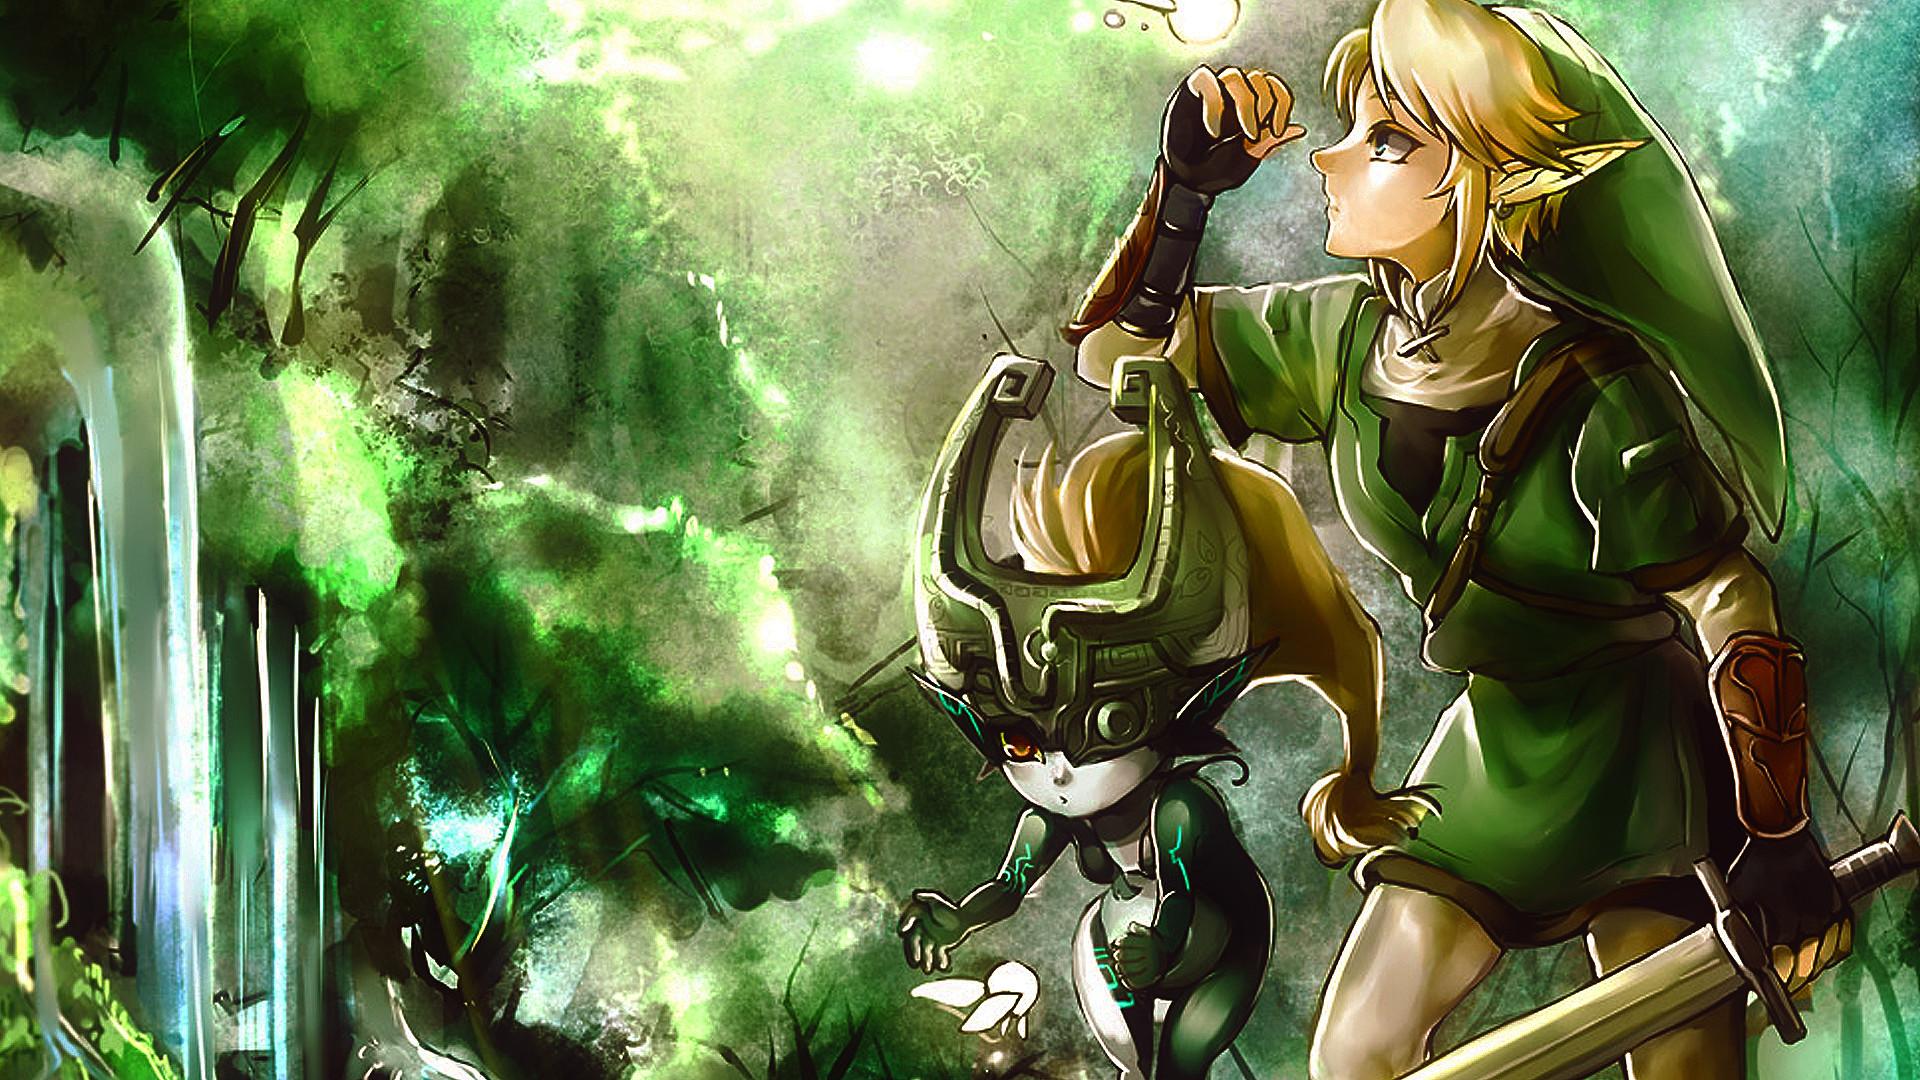 Zelda Link Wallpaper 75 Pictures